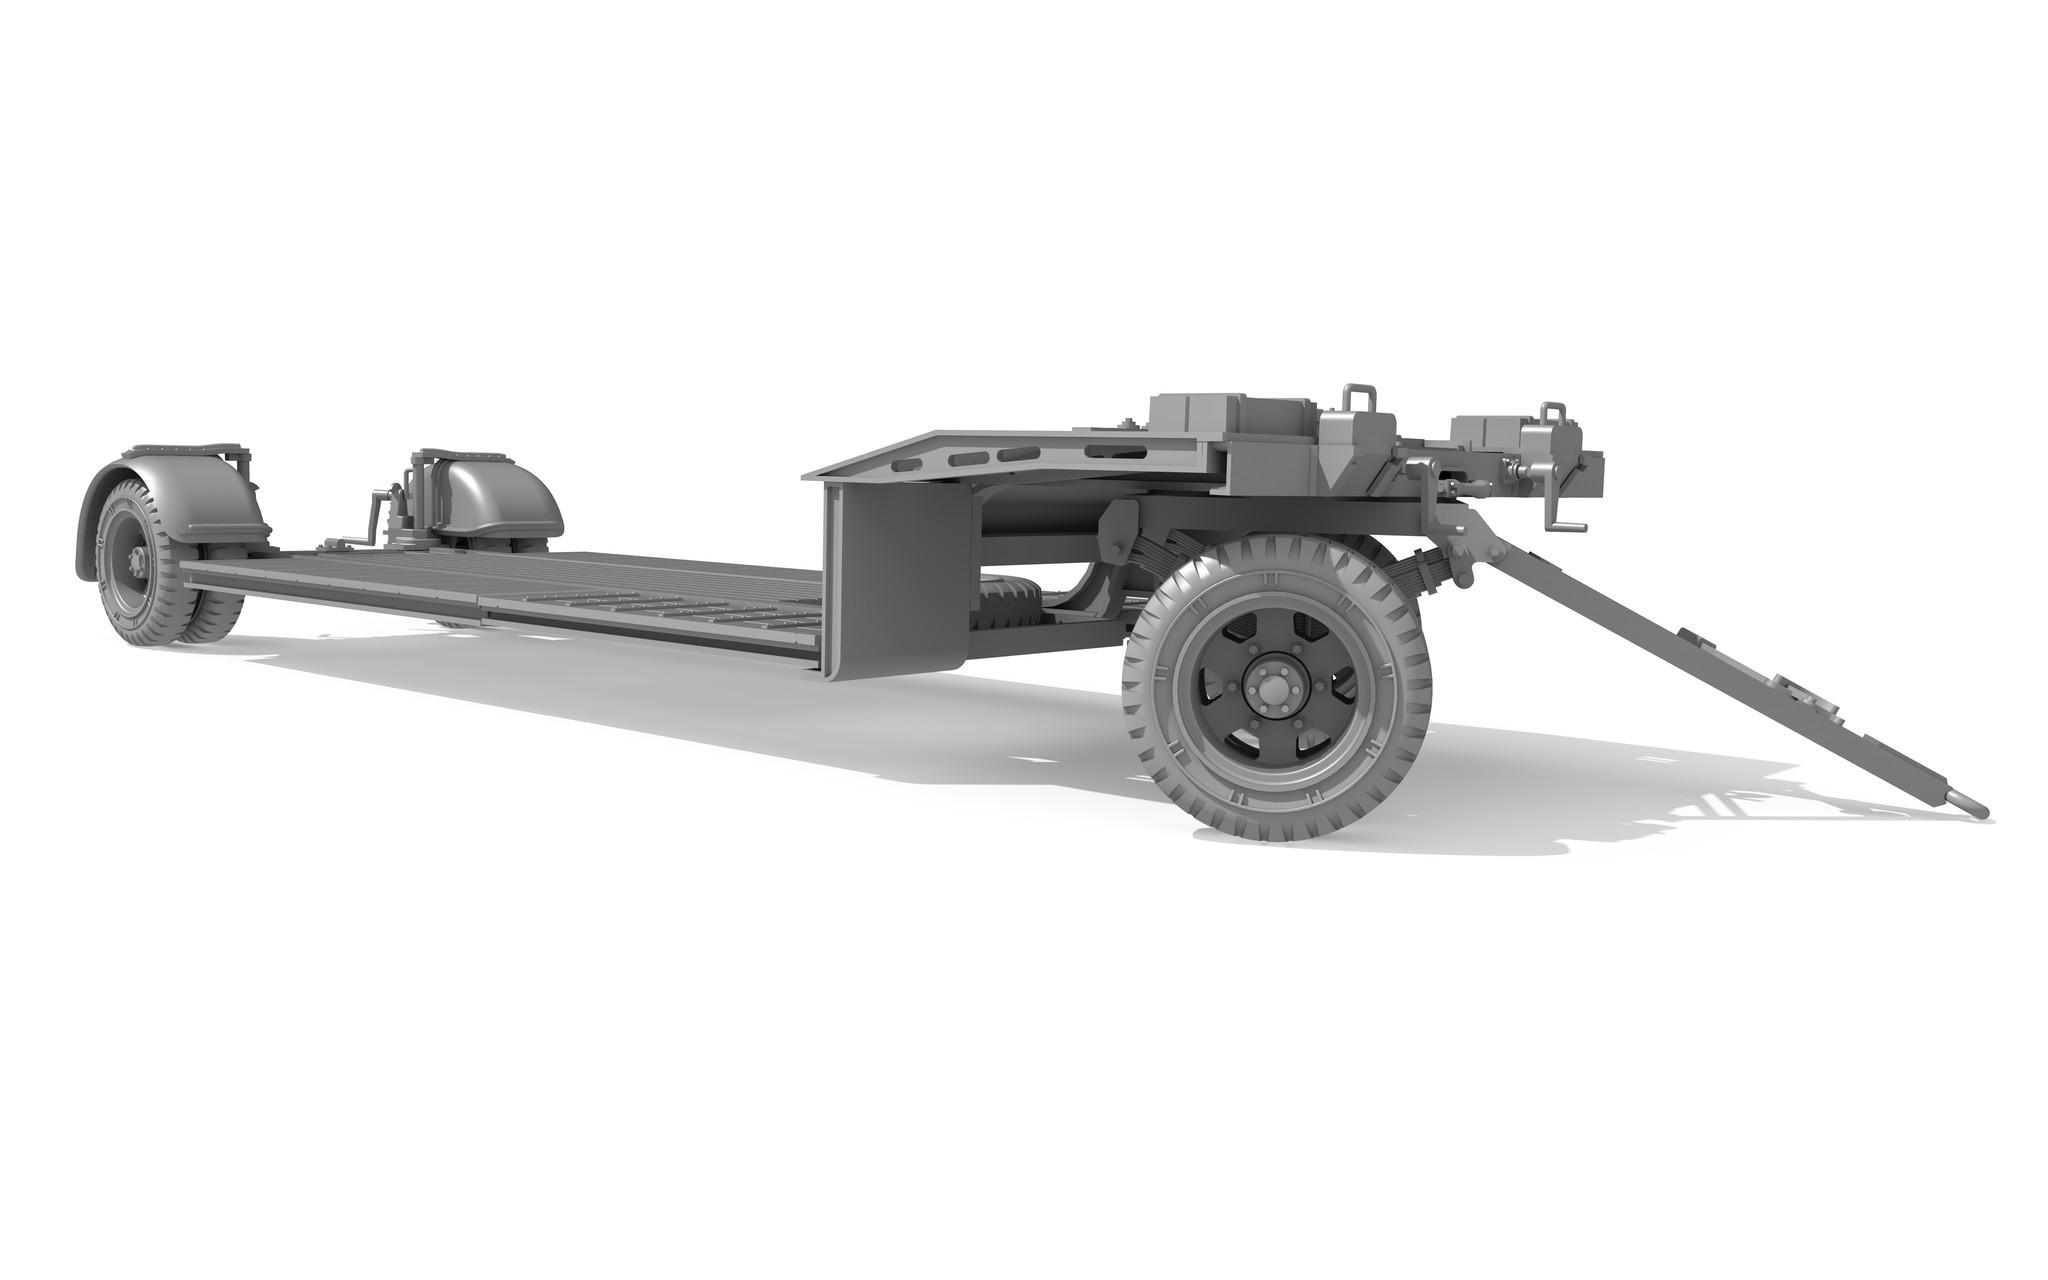 Das Werk Sonderanhänger 115 - 10t Tank Trailer Sd.Ah.115 - Scale 1/35 - Das Werk - DW35002